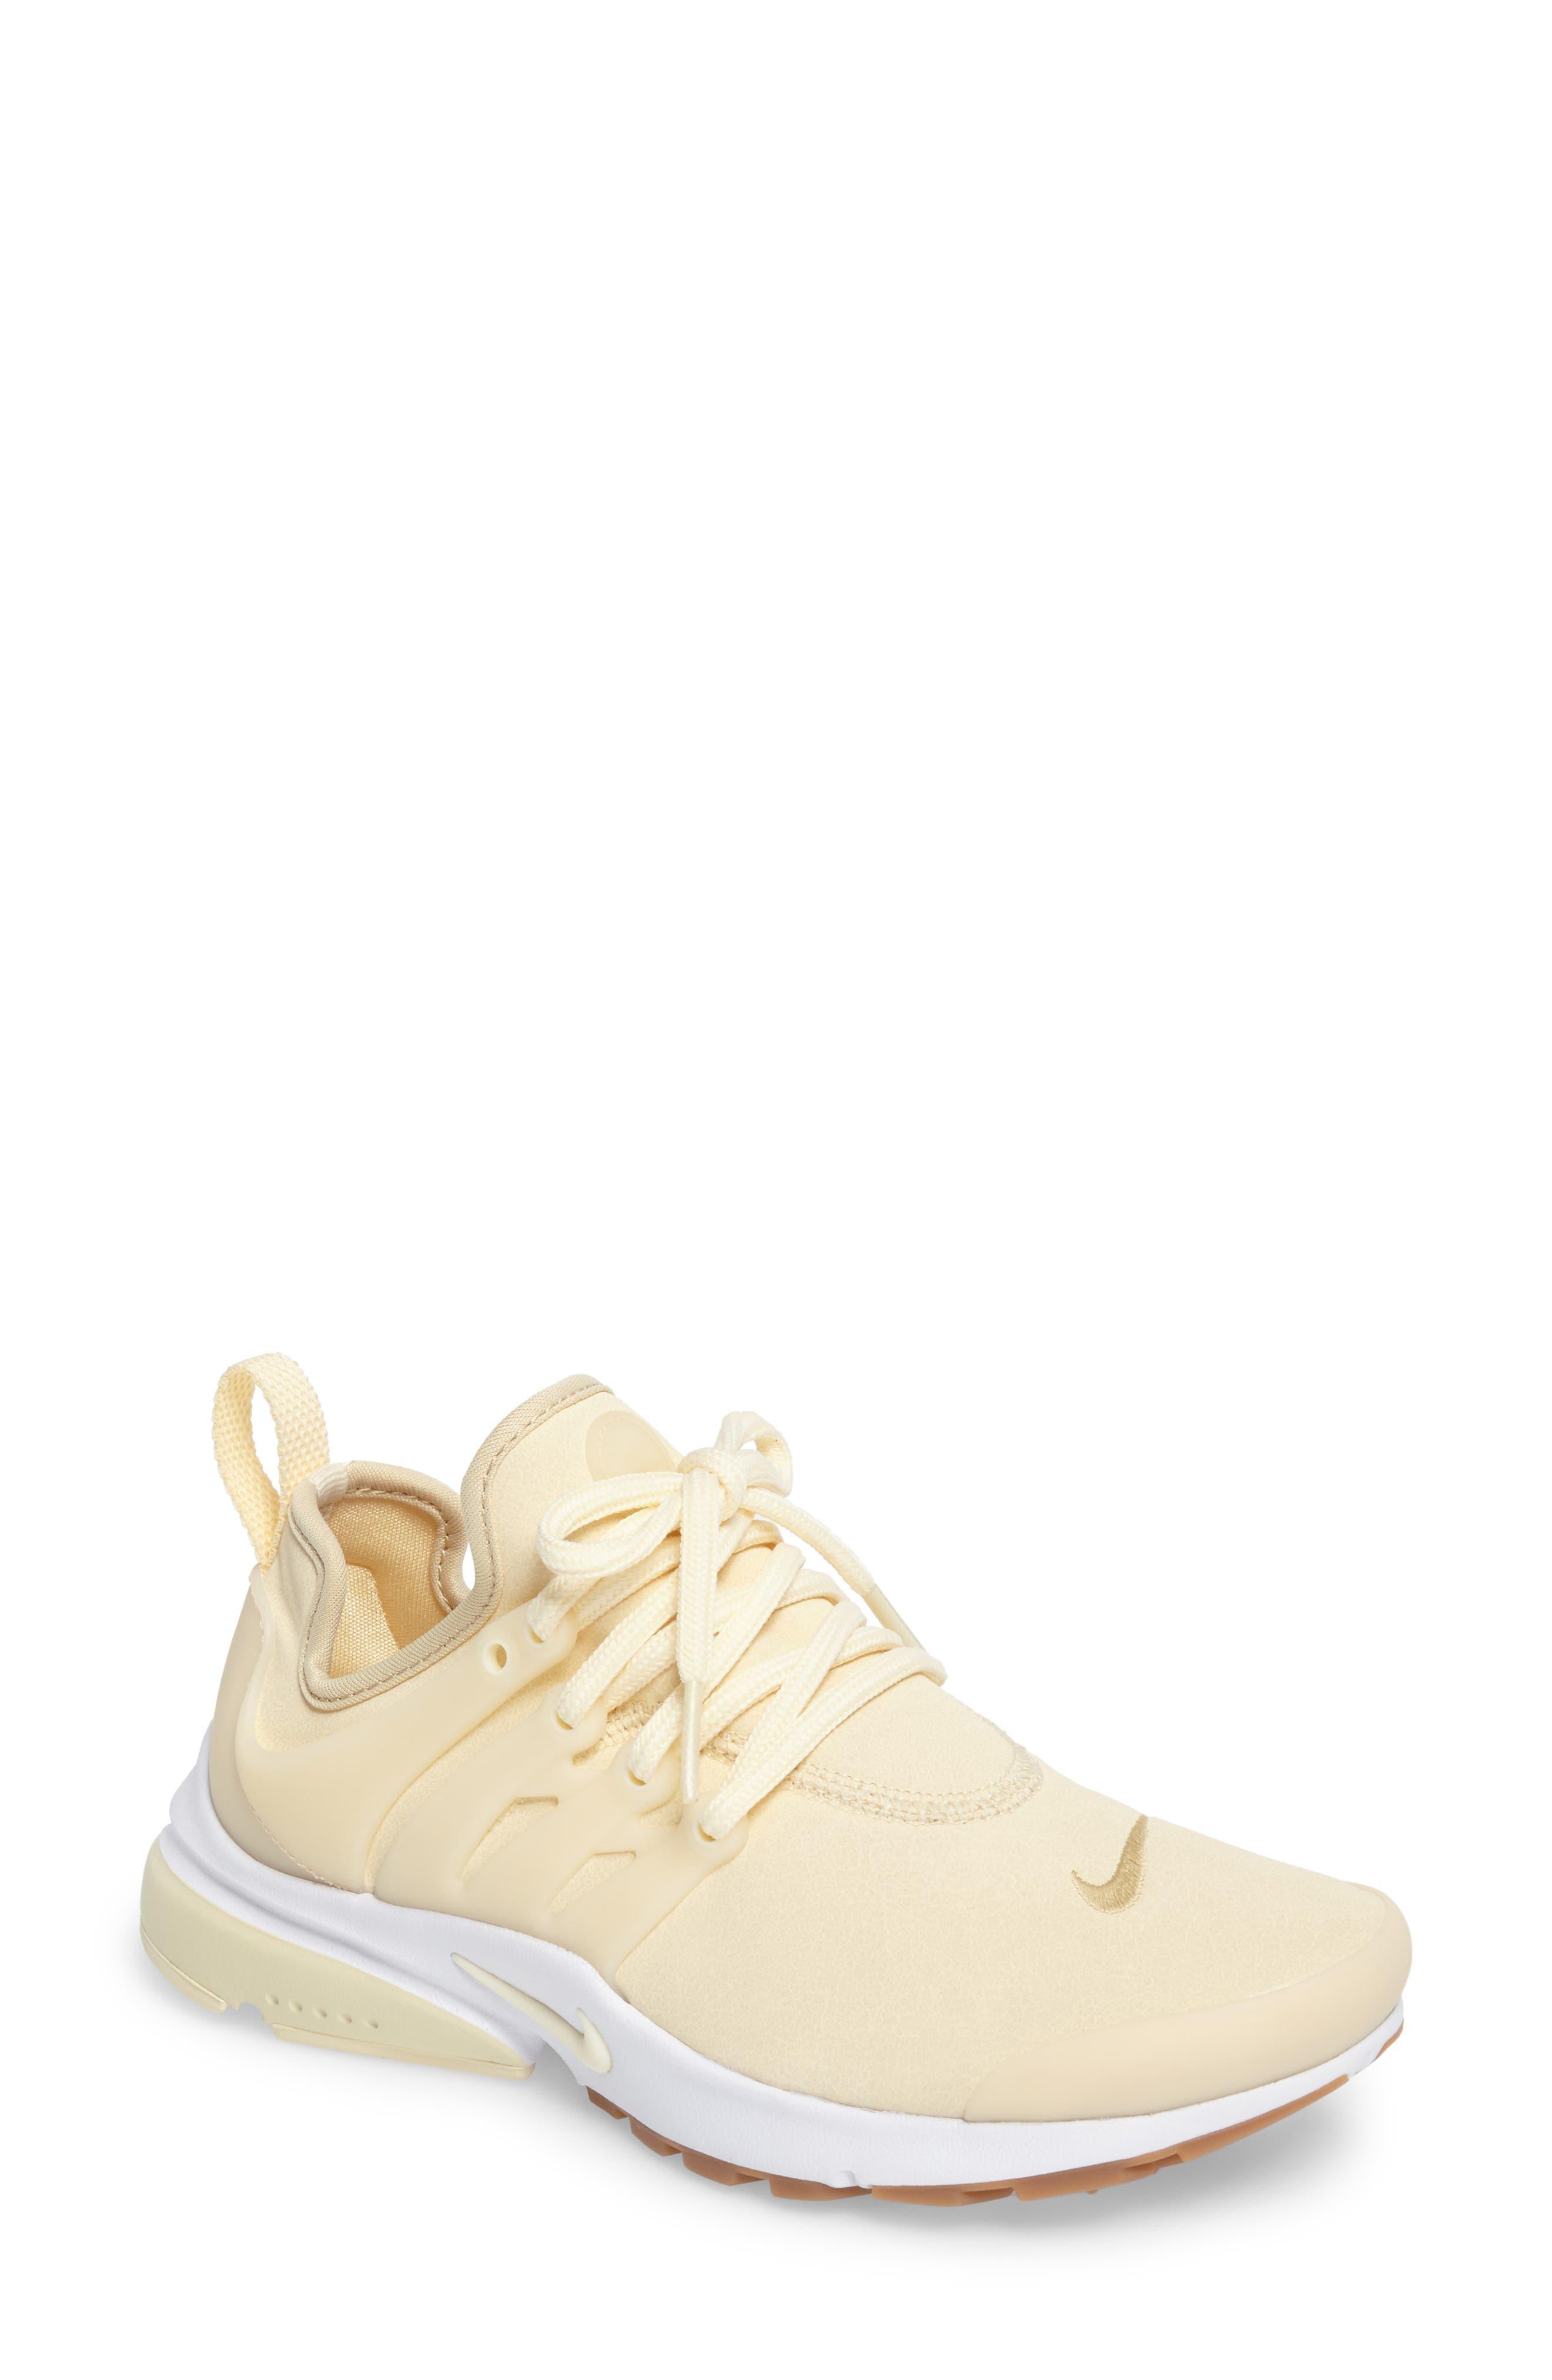 Main Image - Nike Air Presto Premium Sneaker (Women)